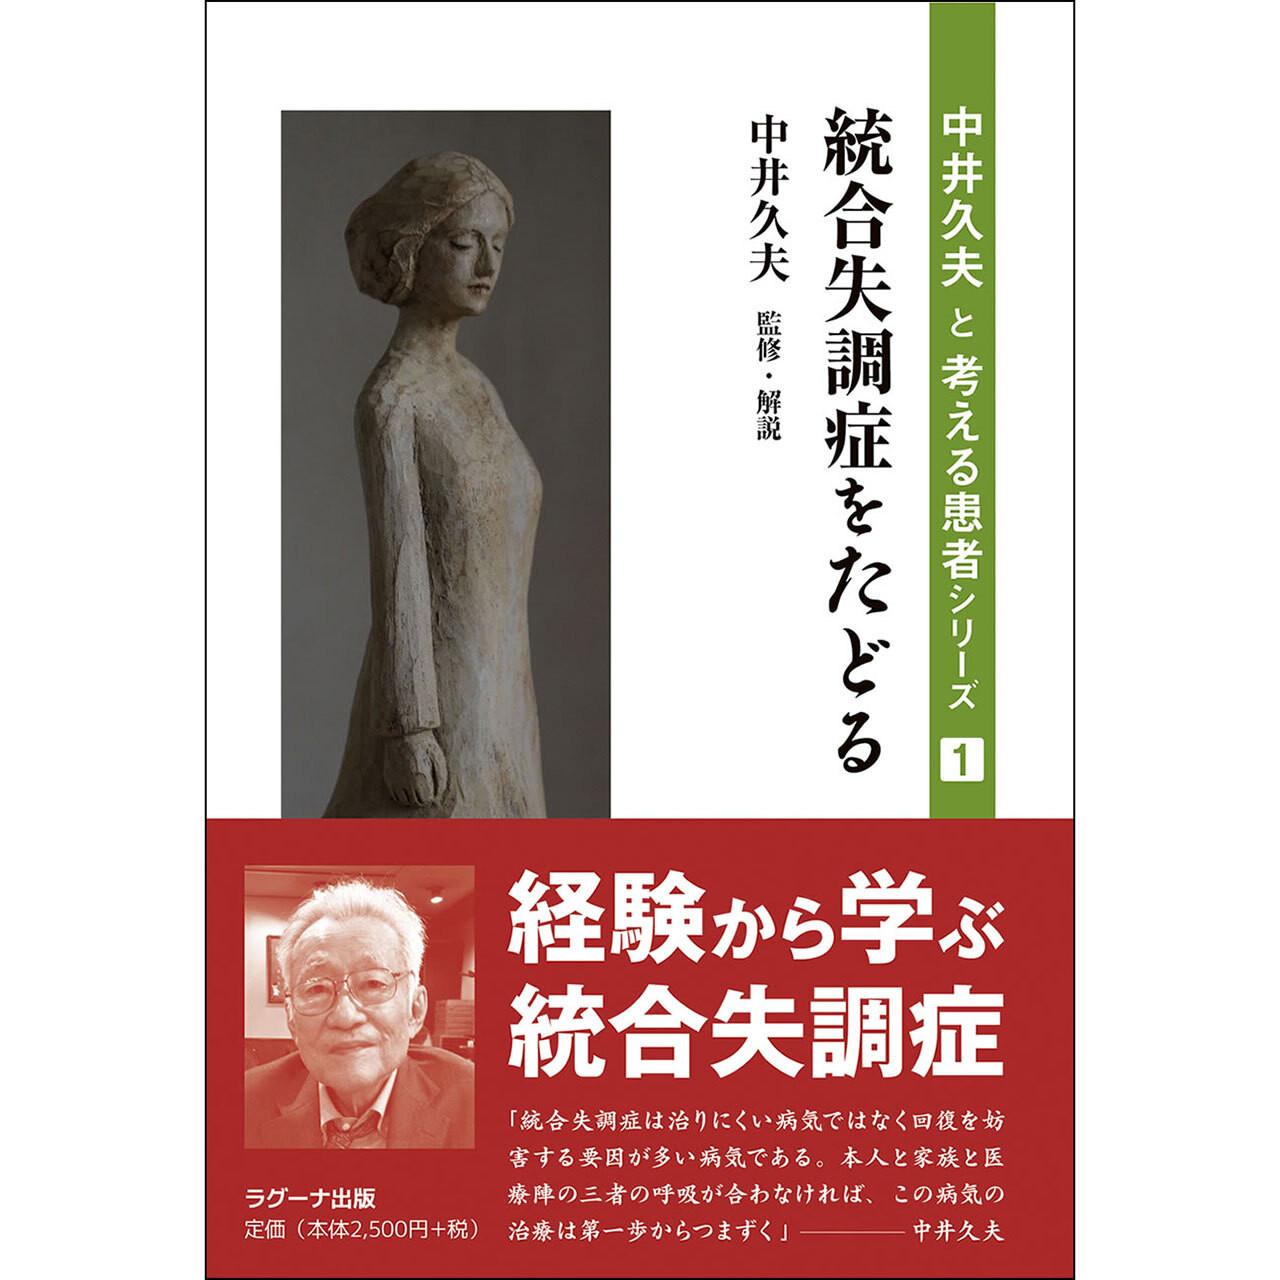 中井久夫と考える患者シリーズ1 統合失調症をたどる